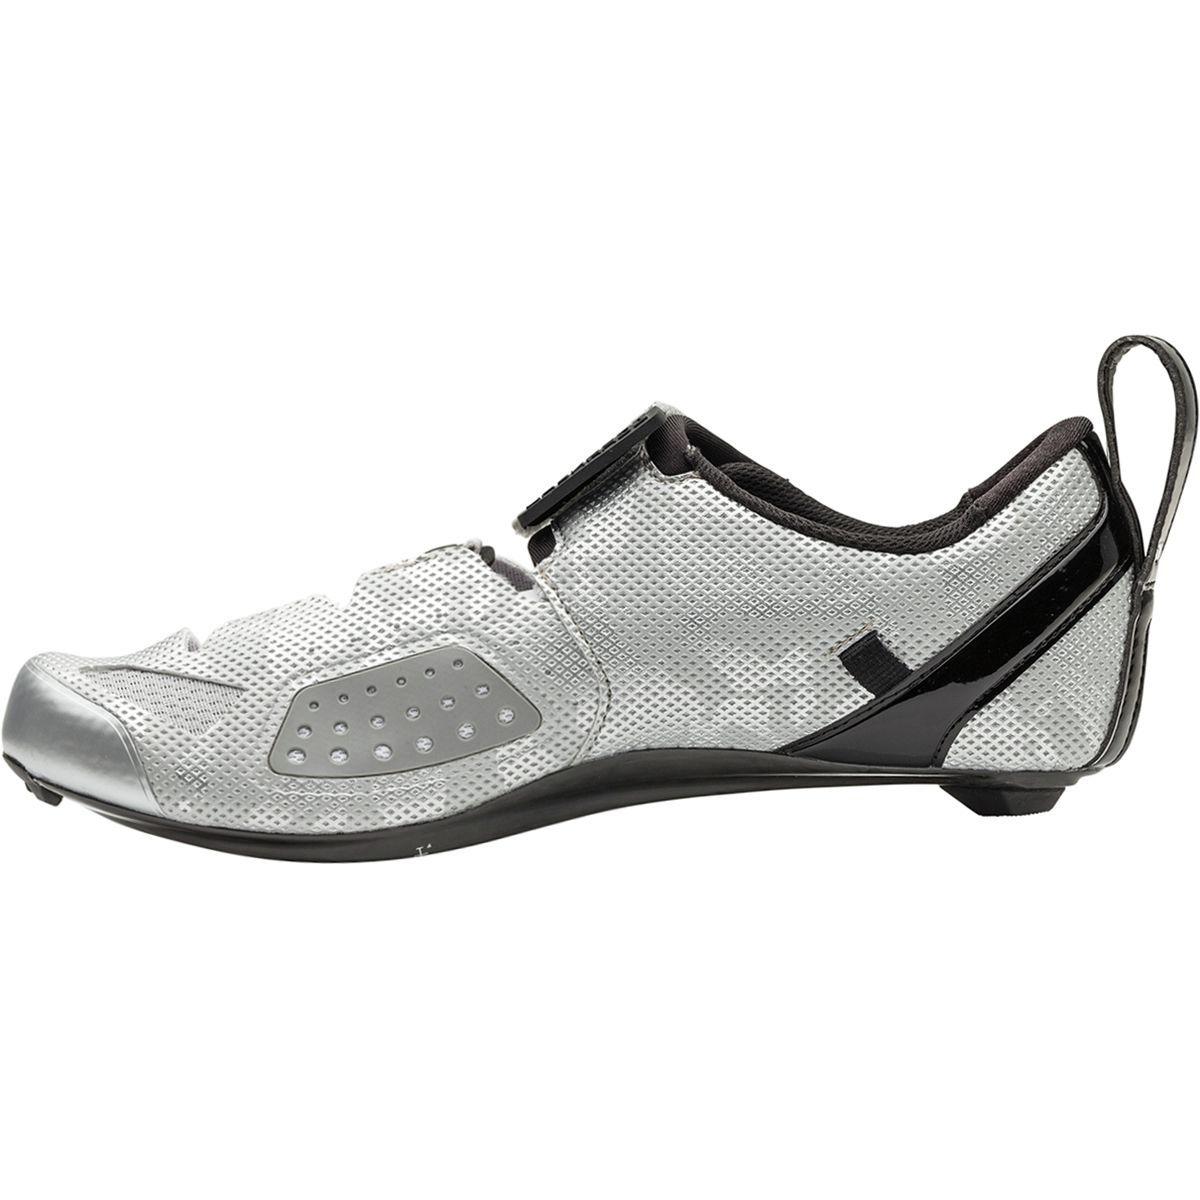 Louis Garneau Tri Air Shoe - Men's